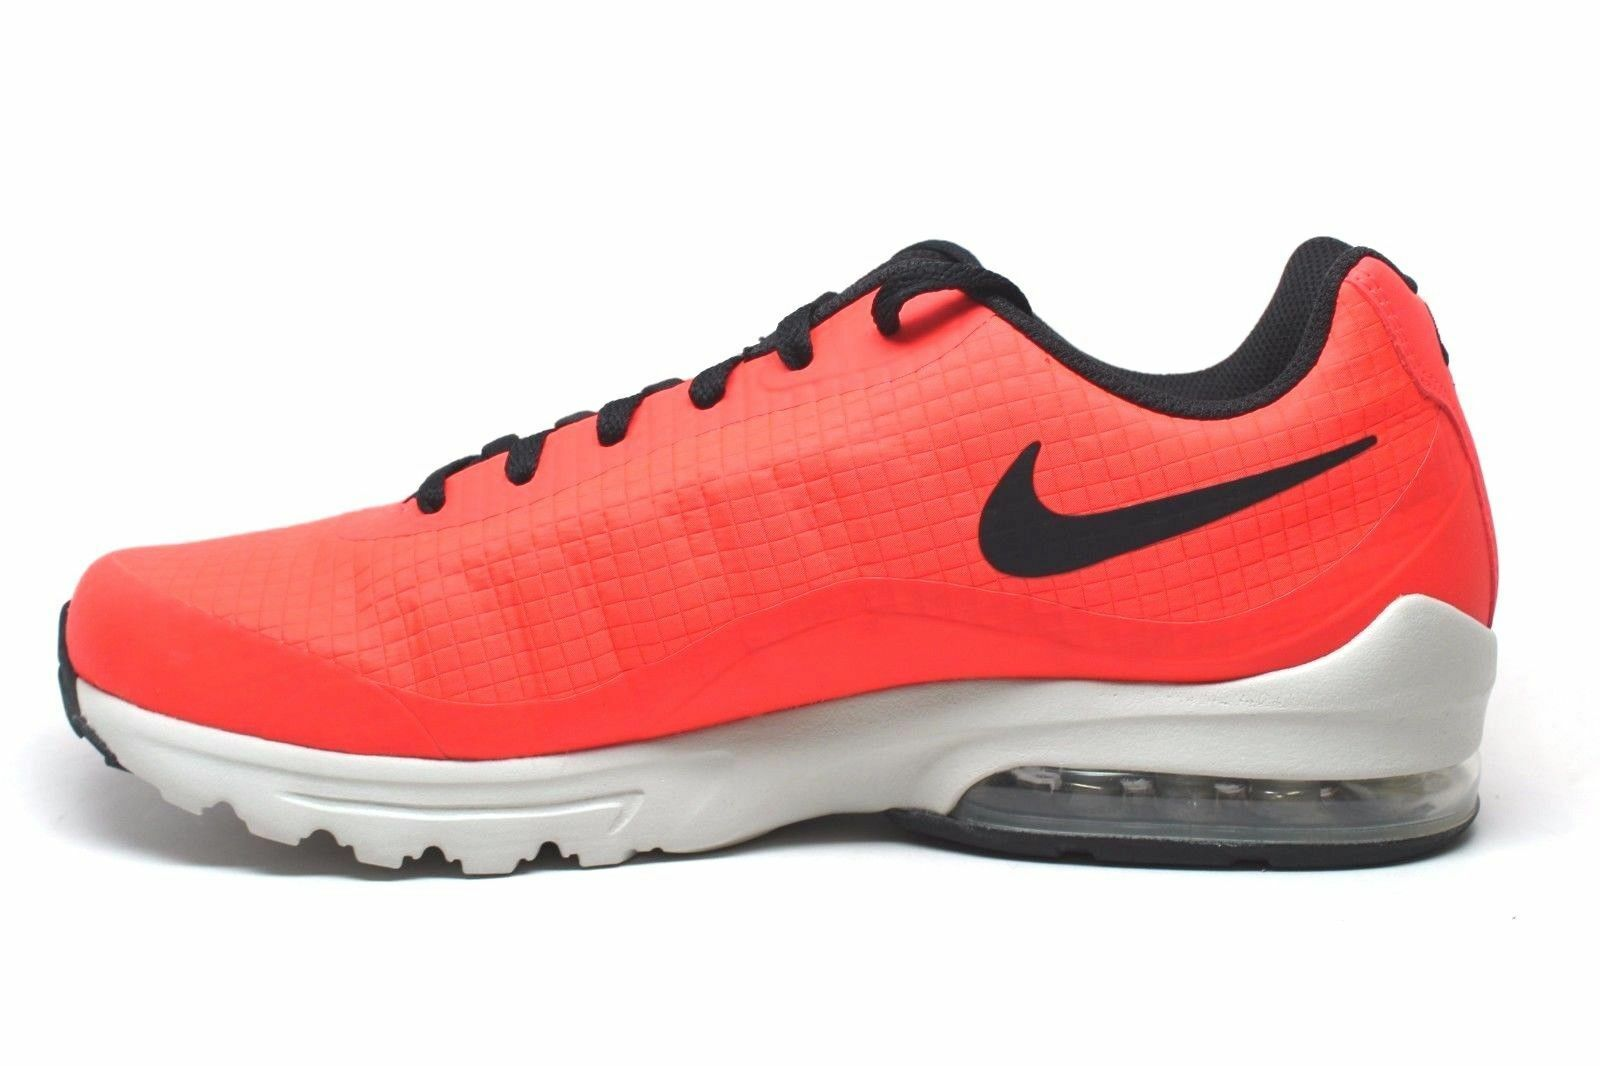 Nike invigor air max invigor Nike niedrigen laufenden männer schuhe orange / schwarz 870614-600 größe 11 neue d5b88a